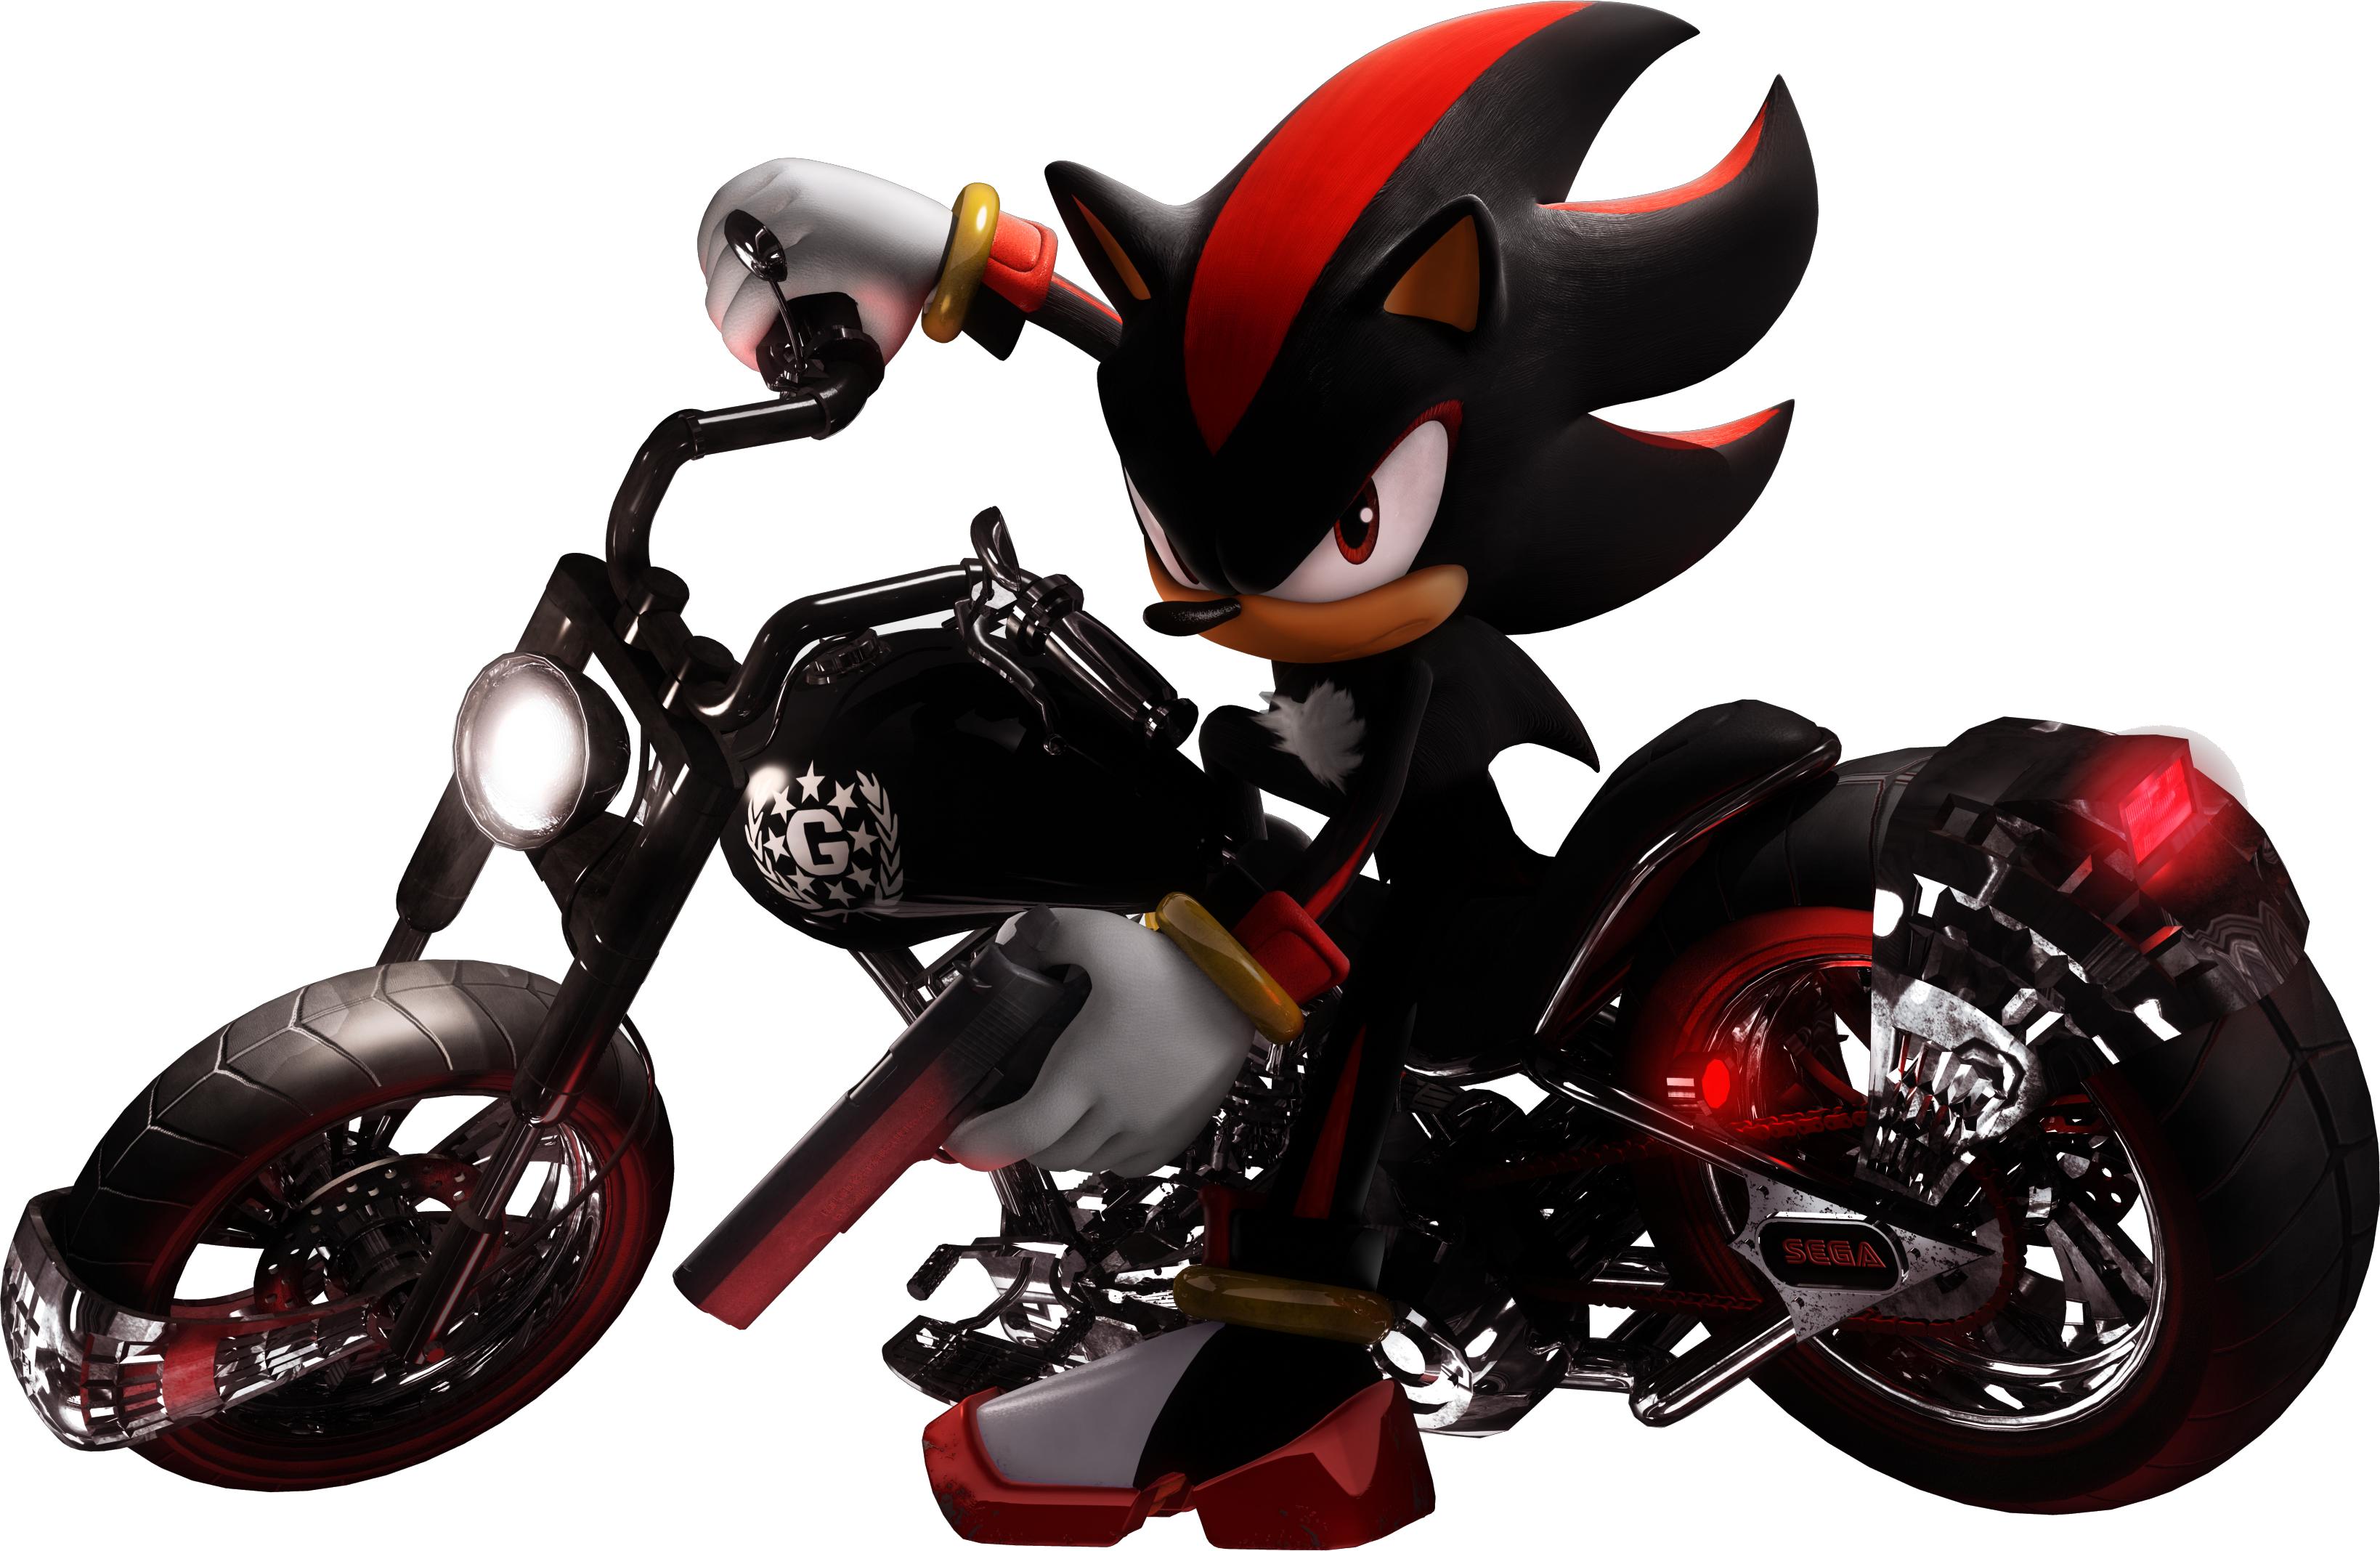 Resultado de imagen de shadow the hedgehog motorcycle